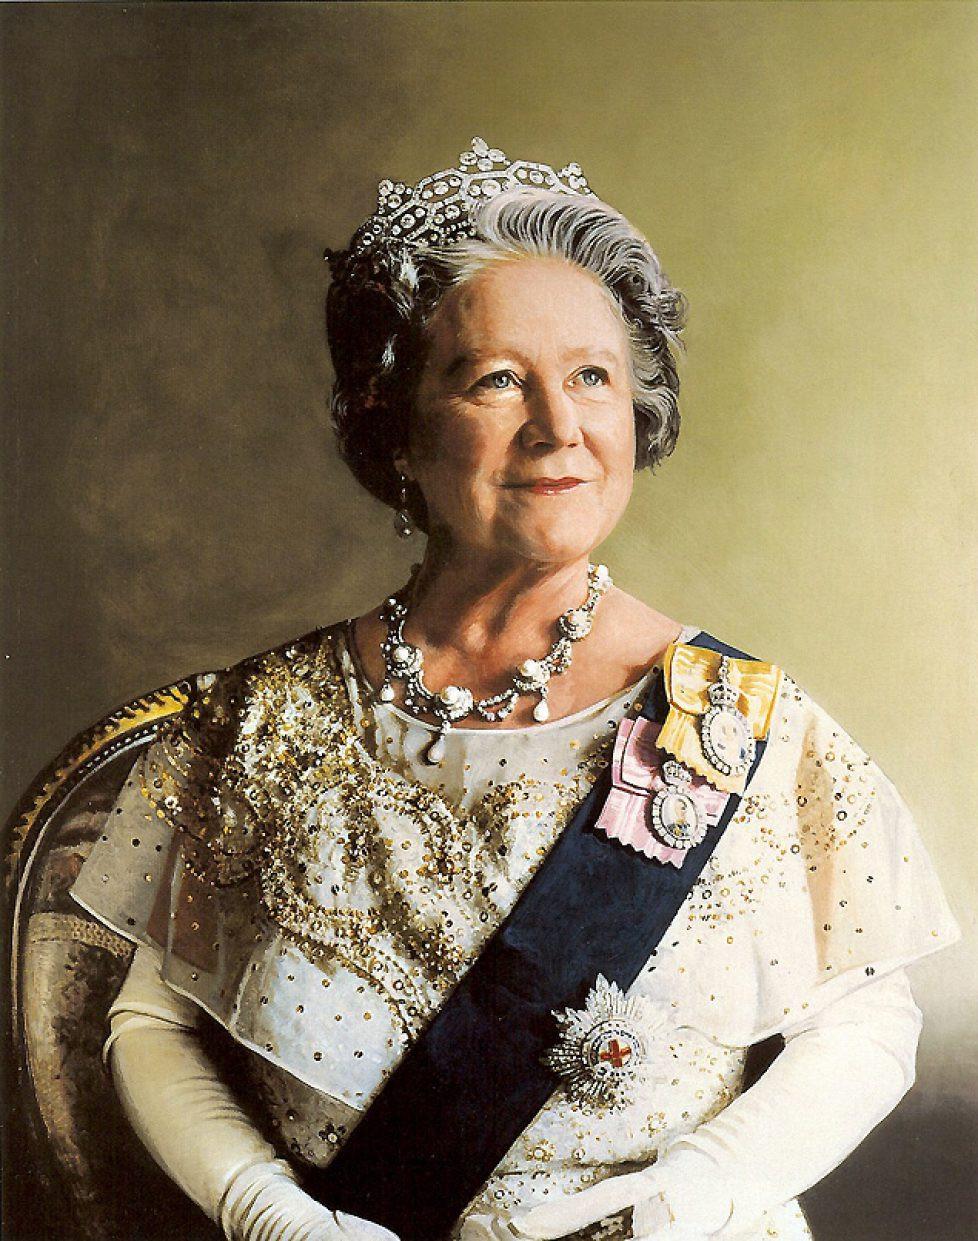 Queen Elizabeth the Queen Mother portrait painting